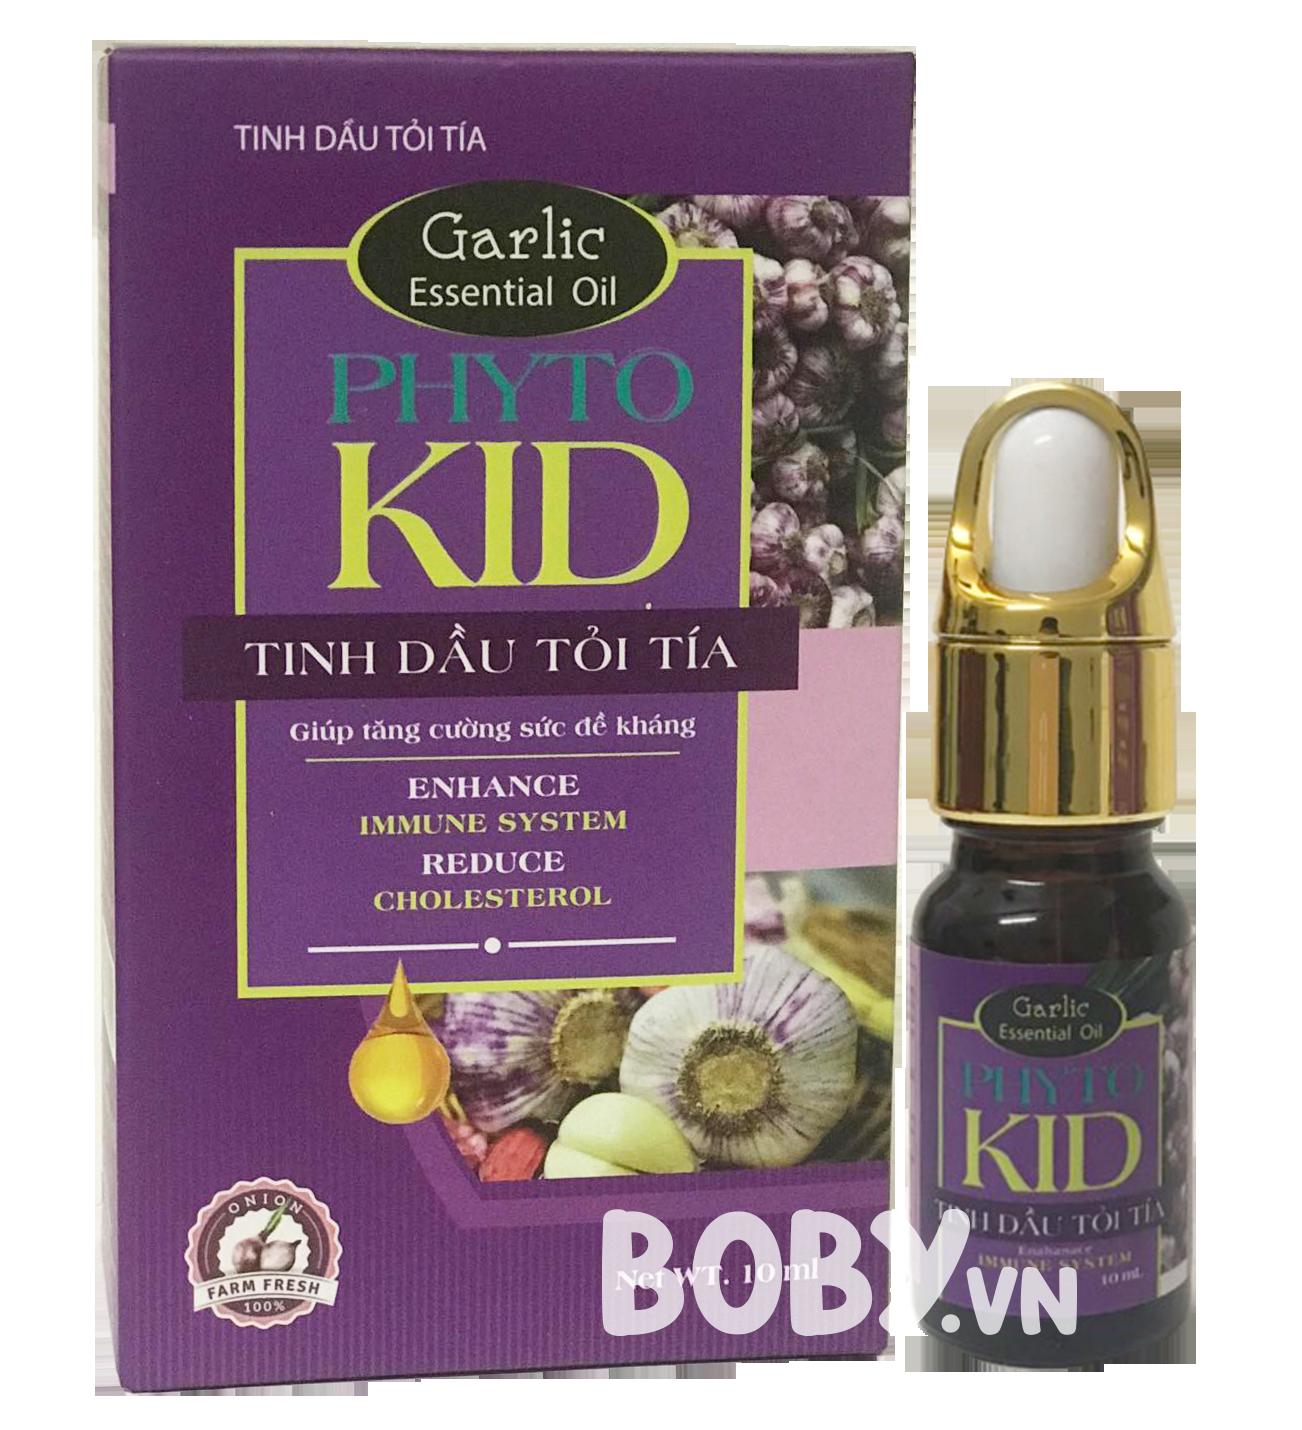 Tinh dầu tỏi tía cho bé Phyto Kid